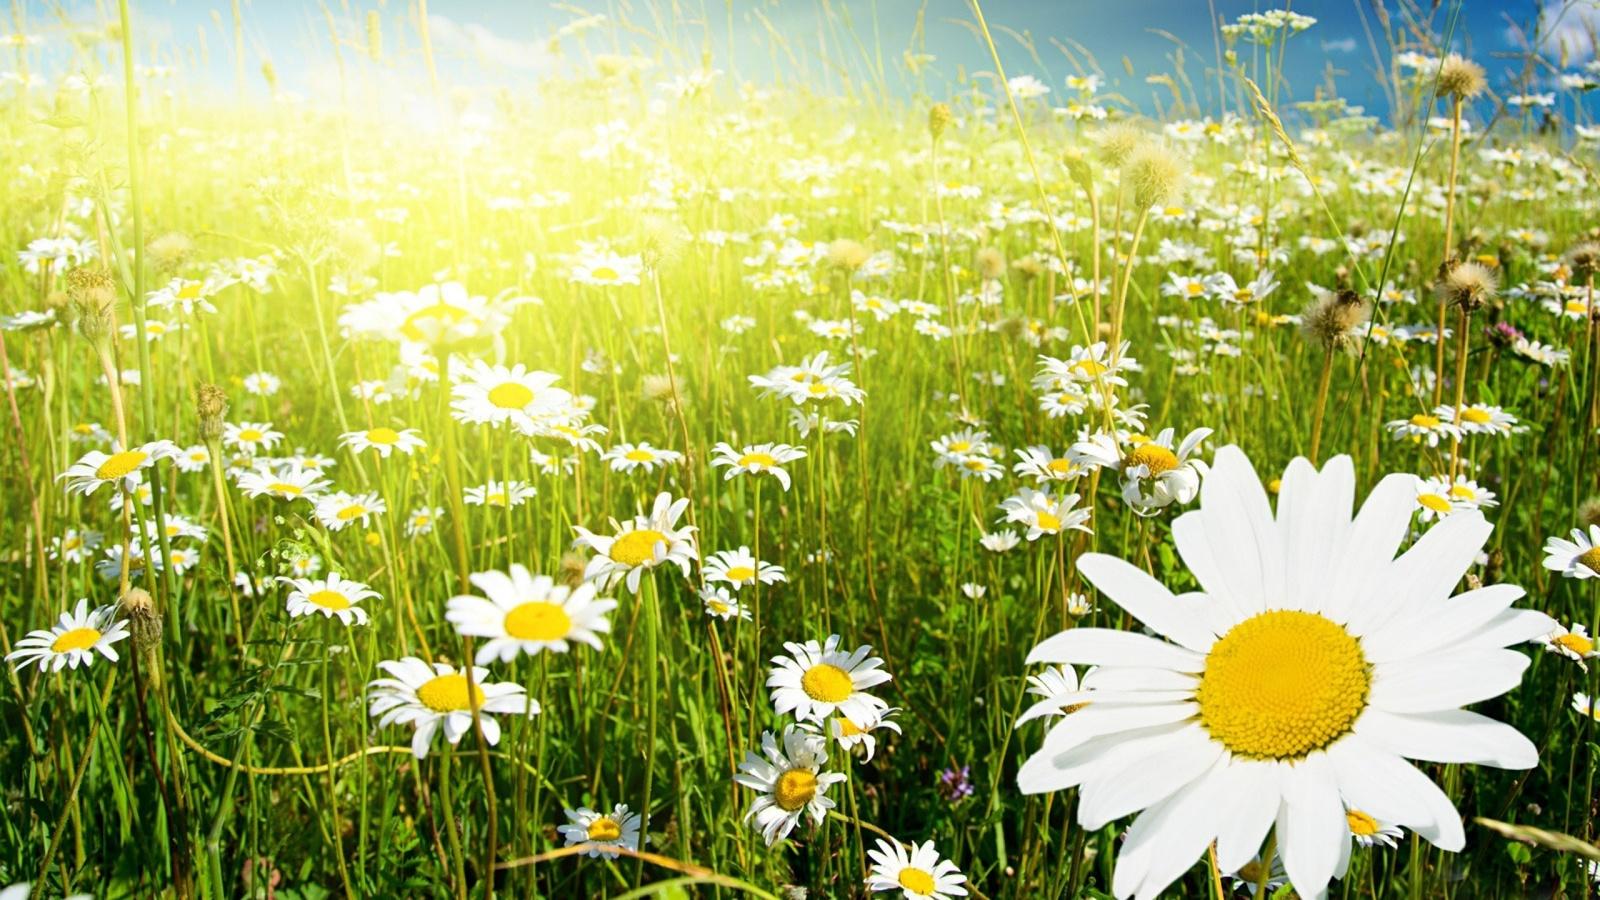 картинка которая напоминает лето картина букет лилий